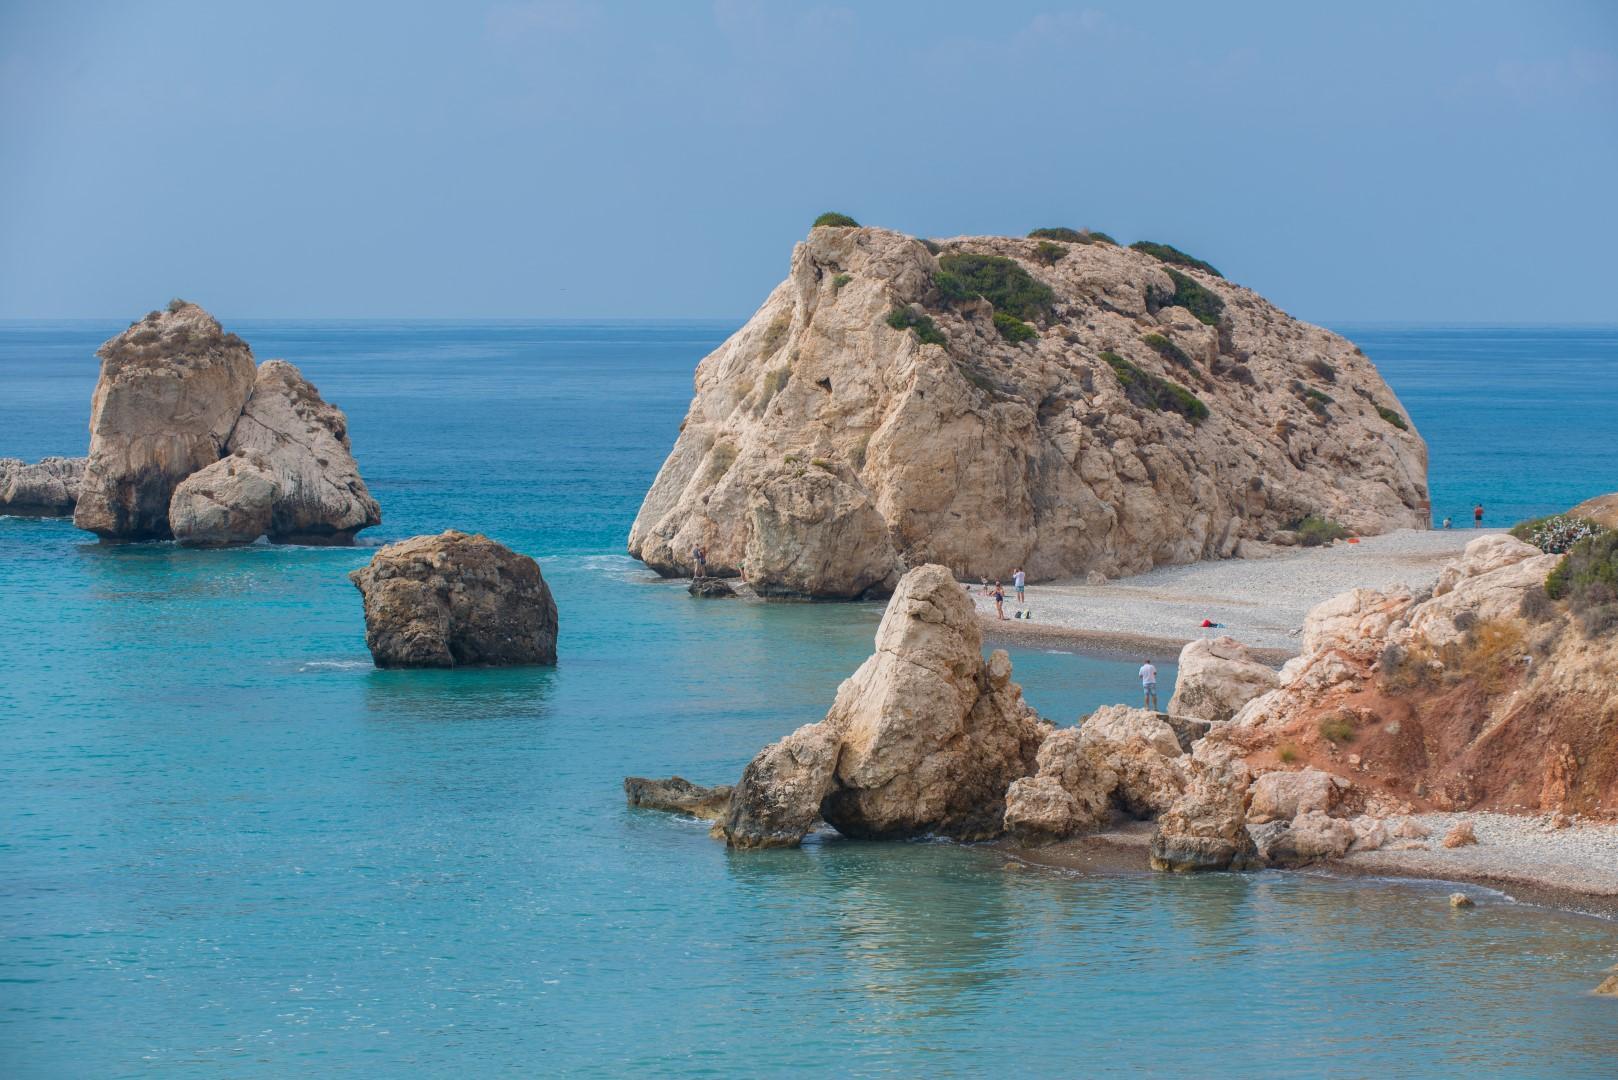 L'incanto del fine estate sull'isola di Cipro